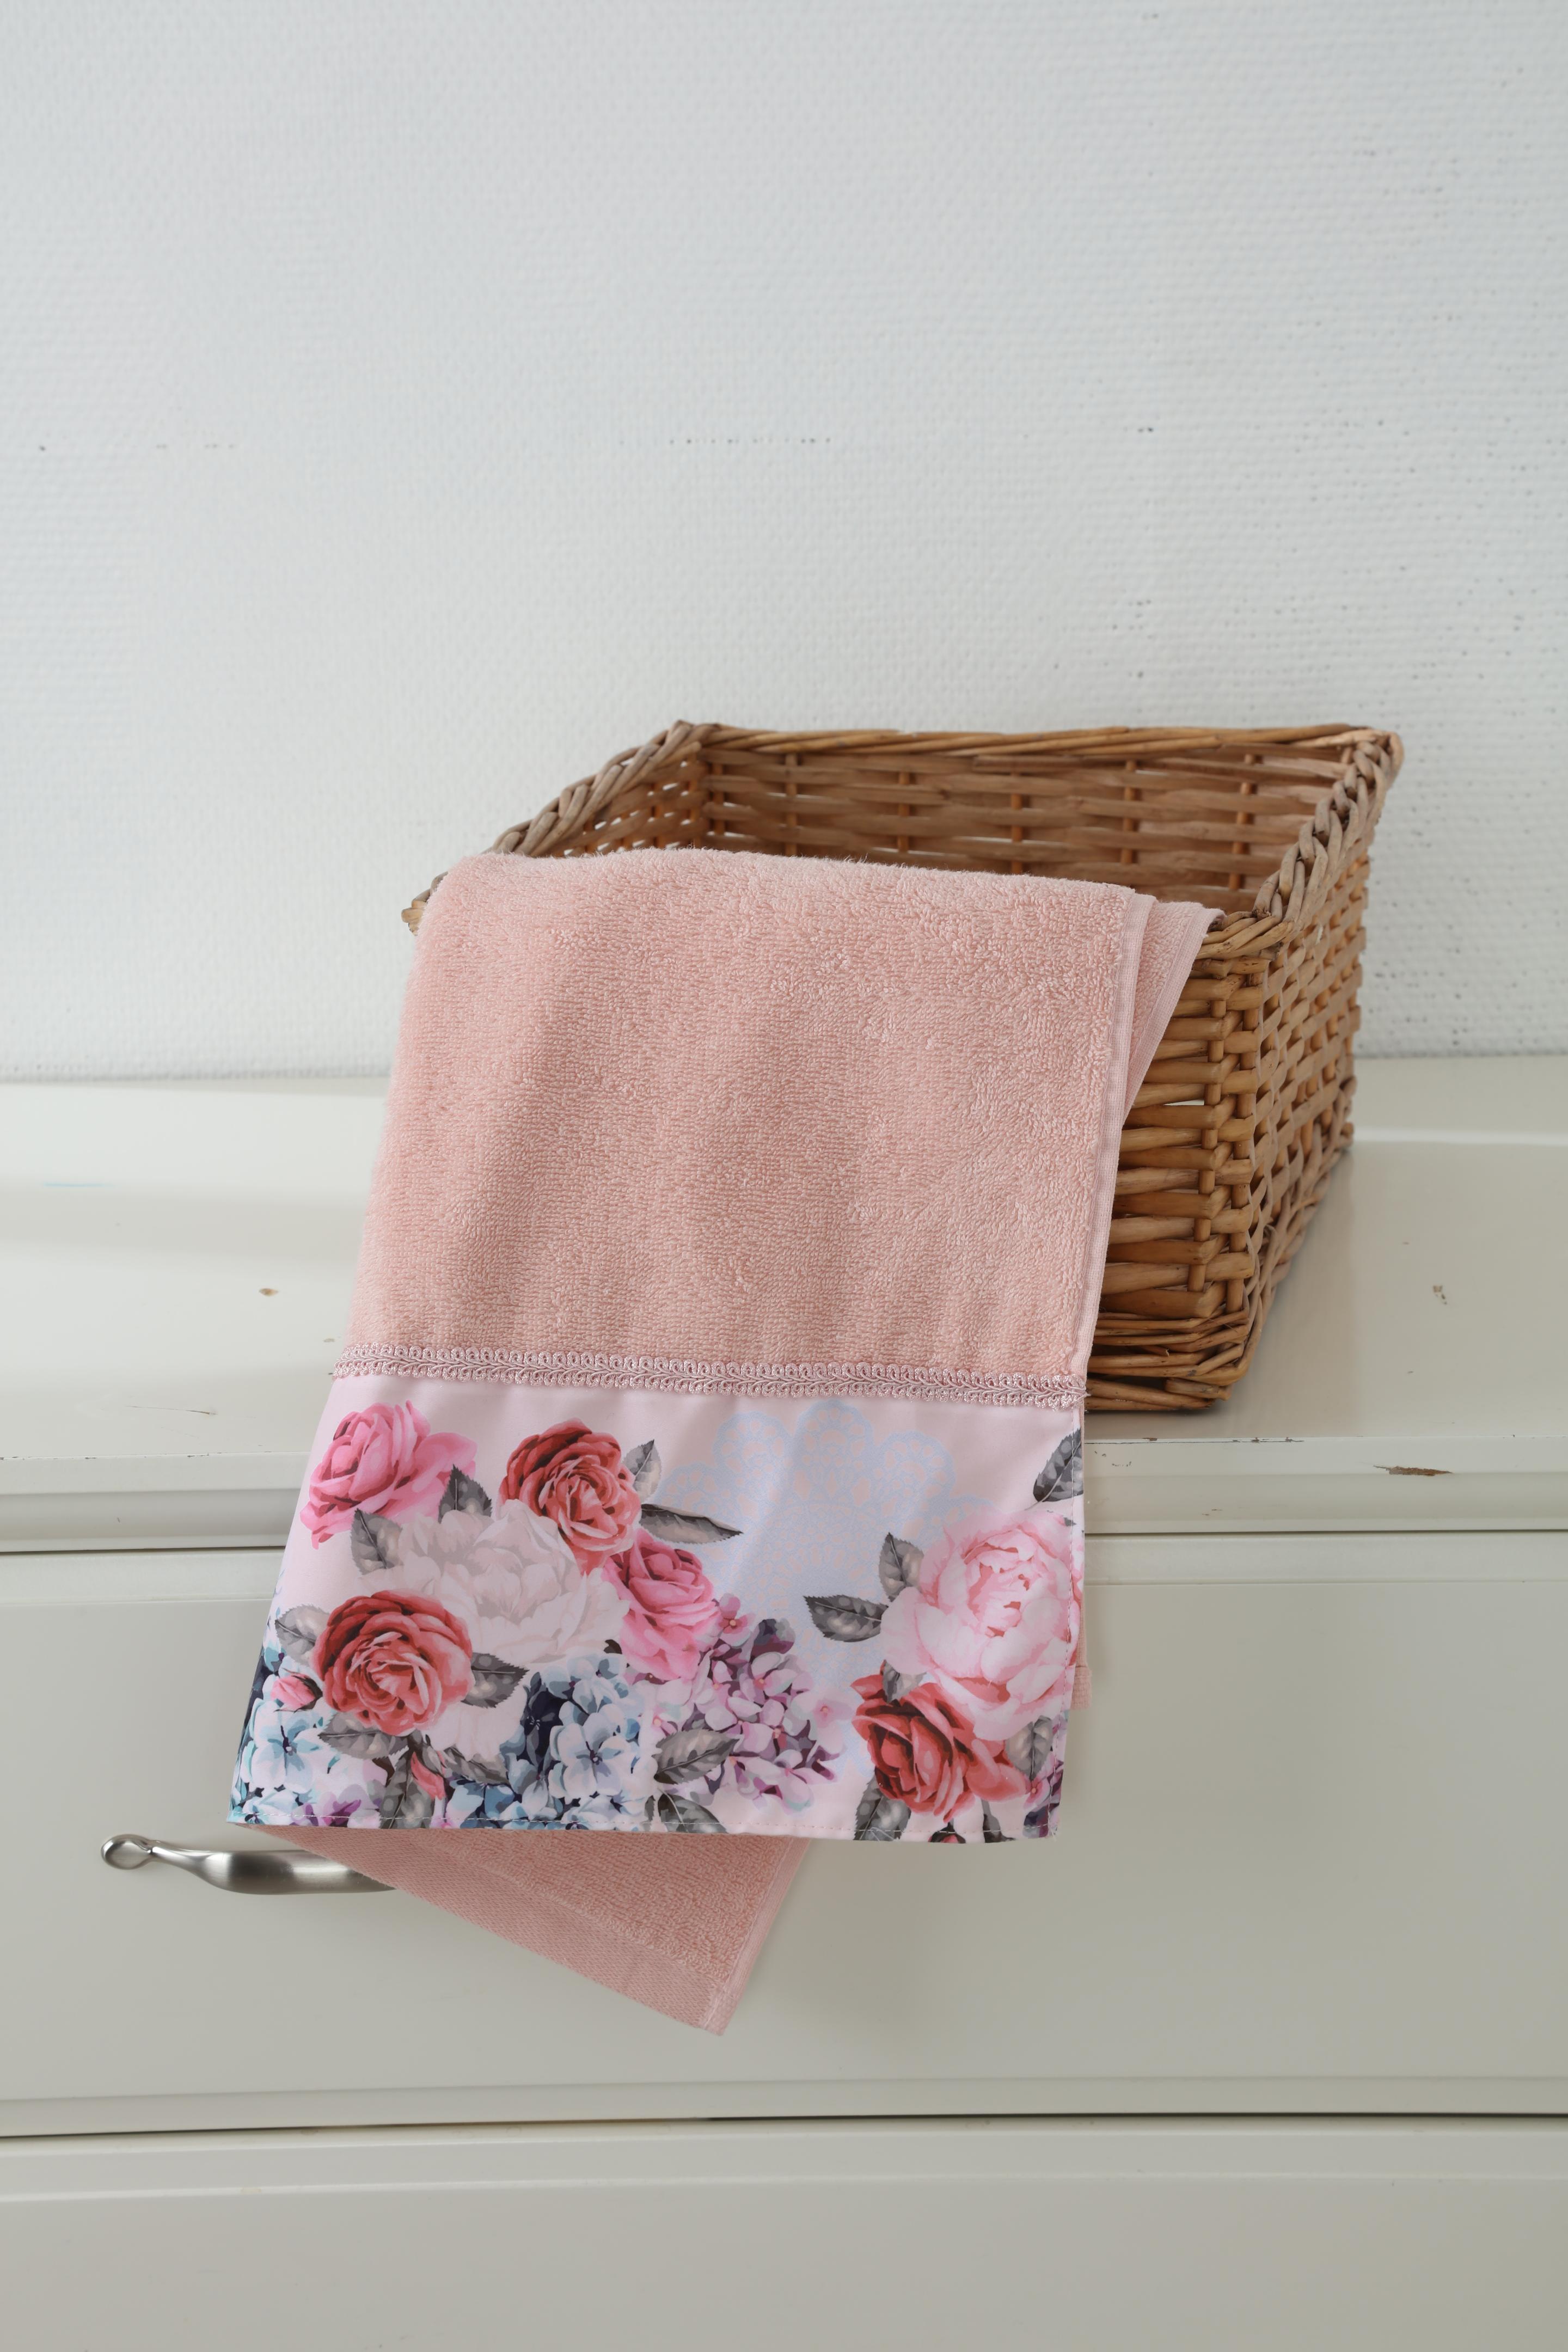 Полотенце для лица, рук или ног Cherir Чайная Роза11195Мягкое махровое полотенце. Размер: 45*90см. Материал: 100% хлопок.